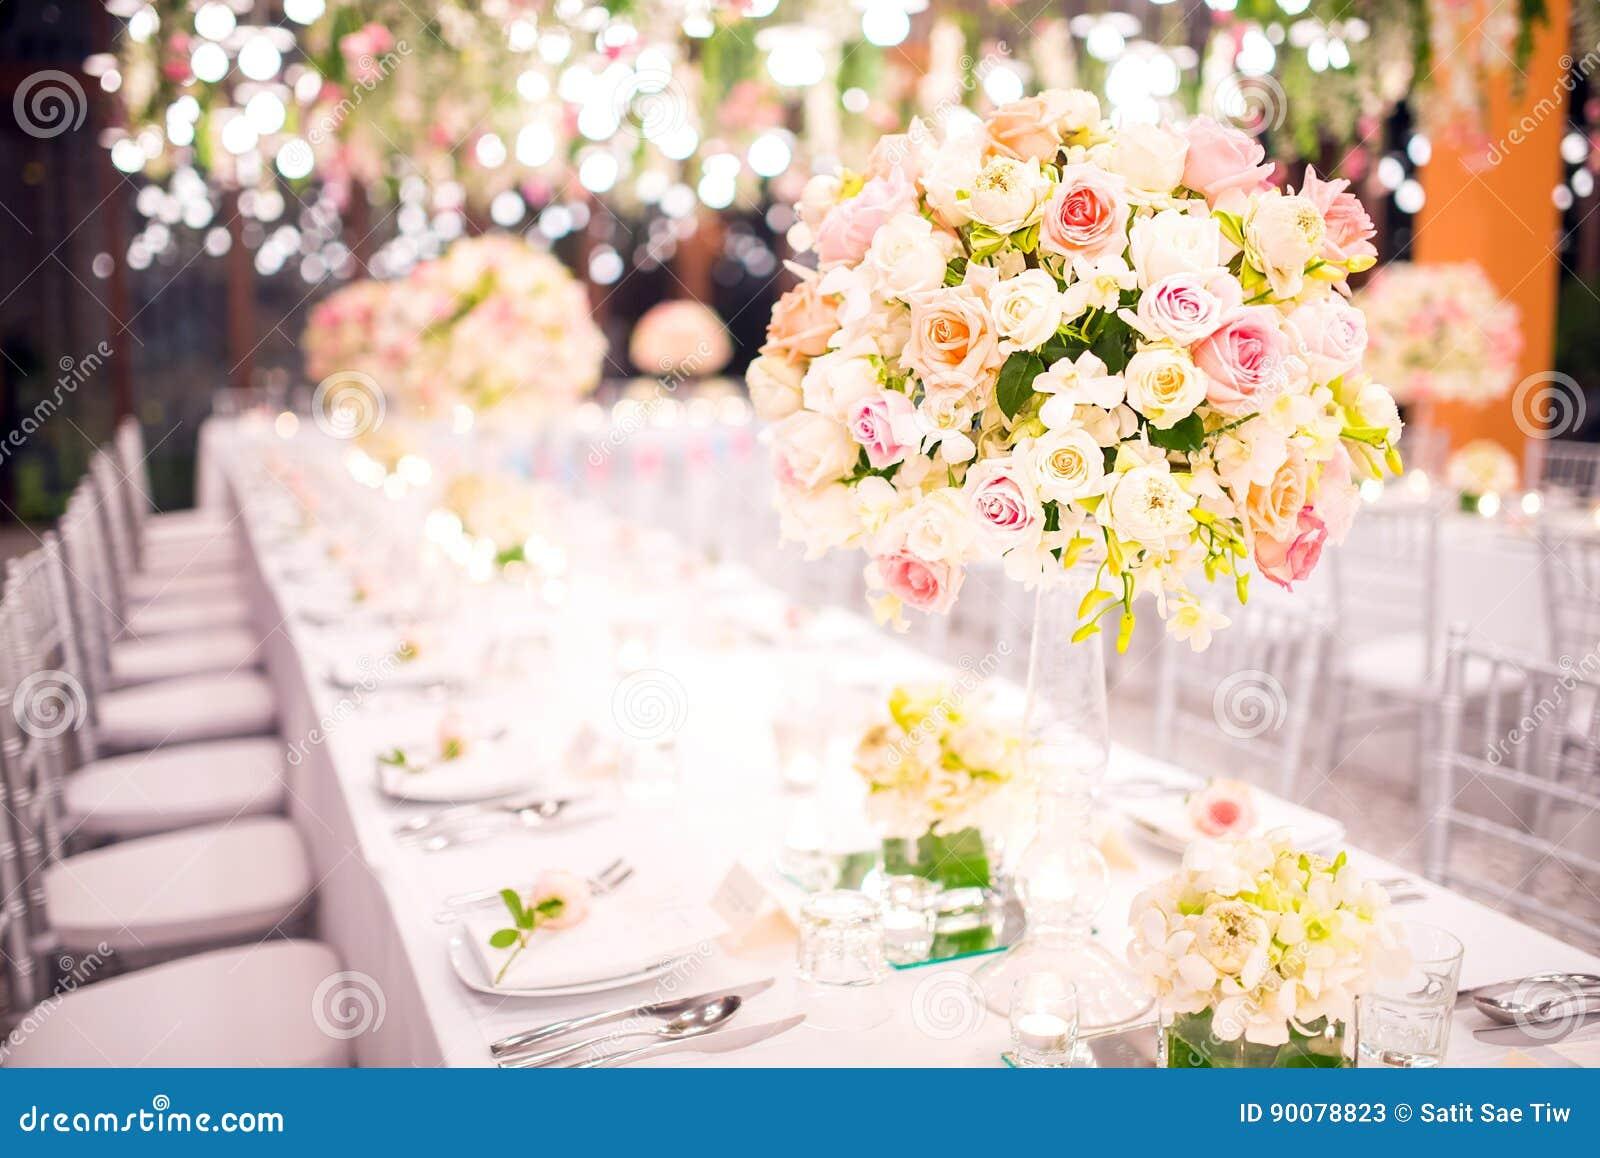 Presenti la regolazione alle nozze di lusso ed ai bei fiori